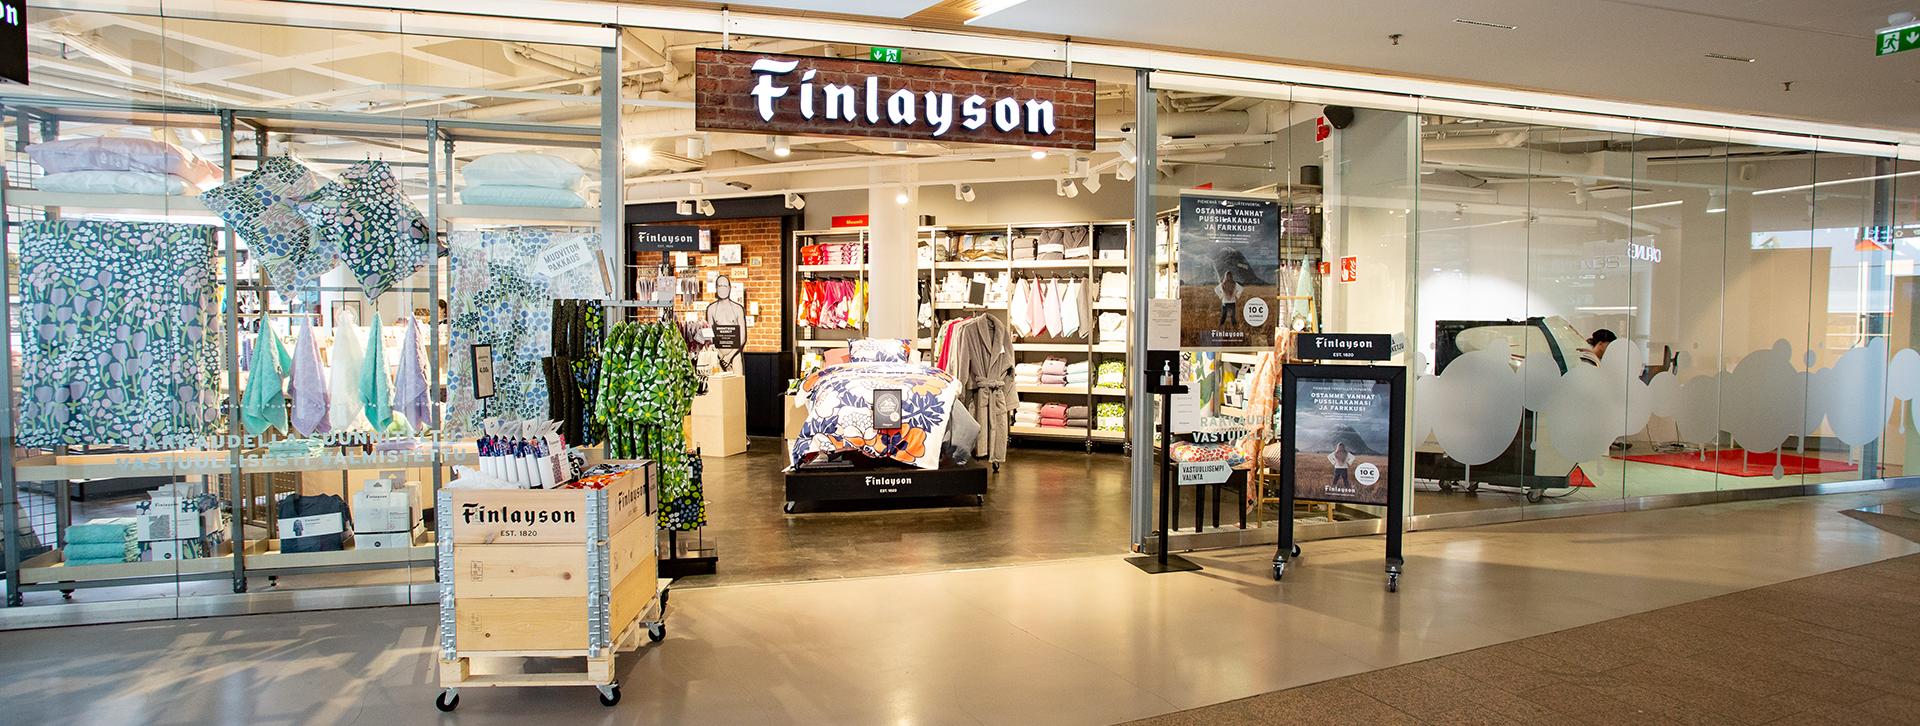 Finlayson   Hansakortteli